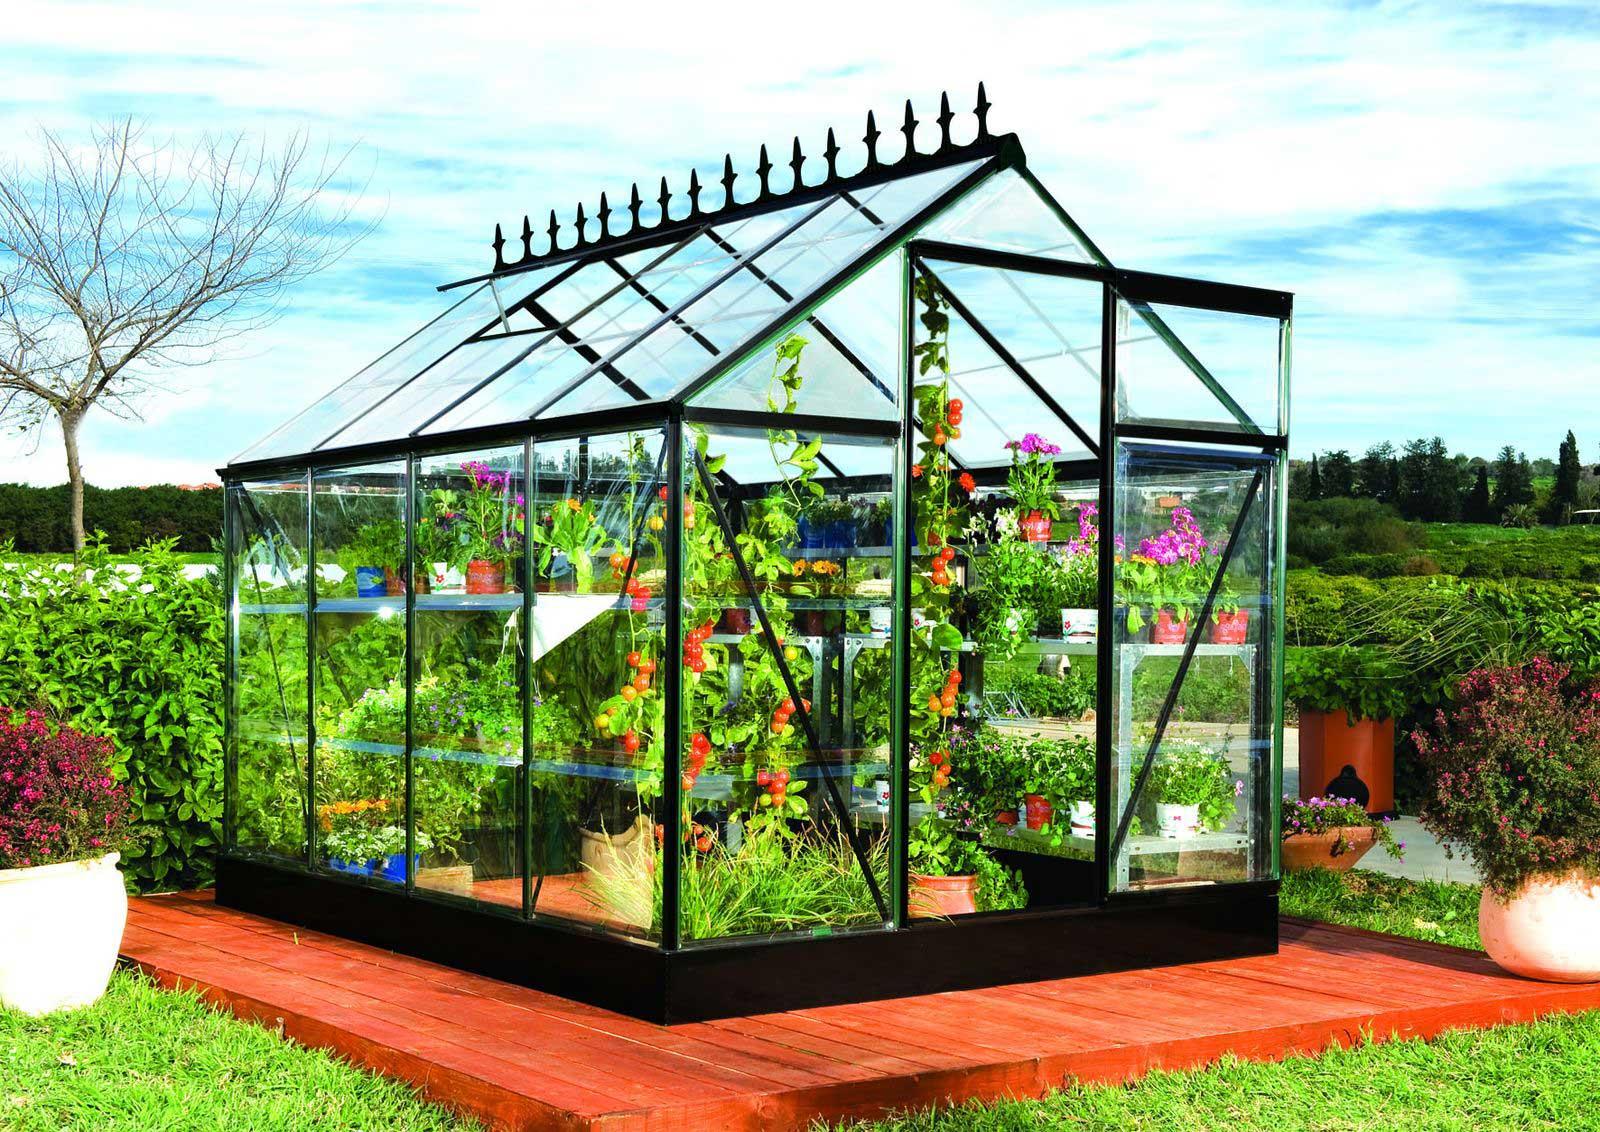 Bons Plans Jardinage: Profitez D'une Serre De Jardin Pas ... tout Serre De Jardin Pas Chere